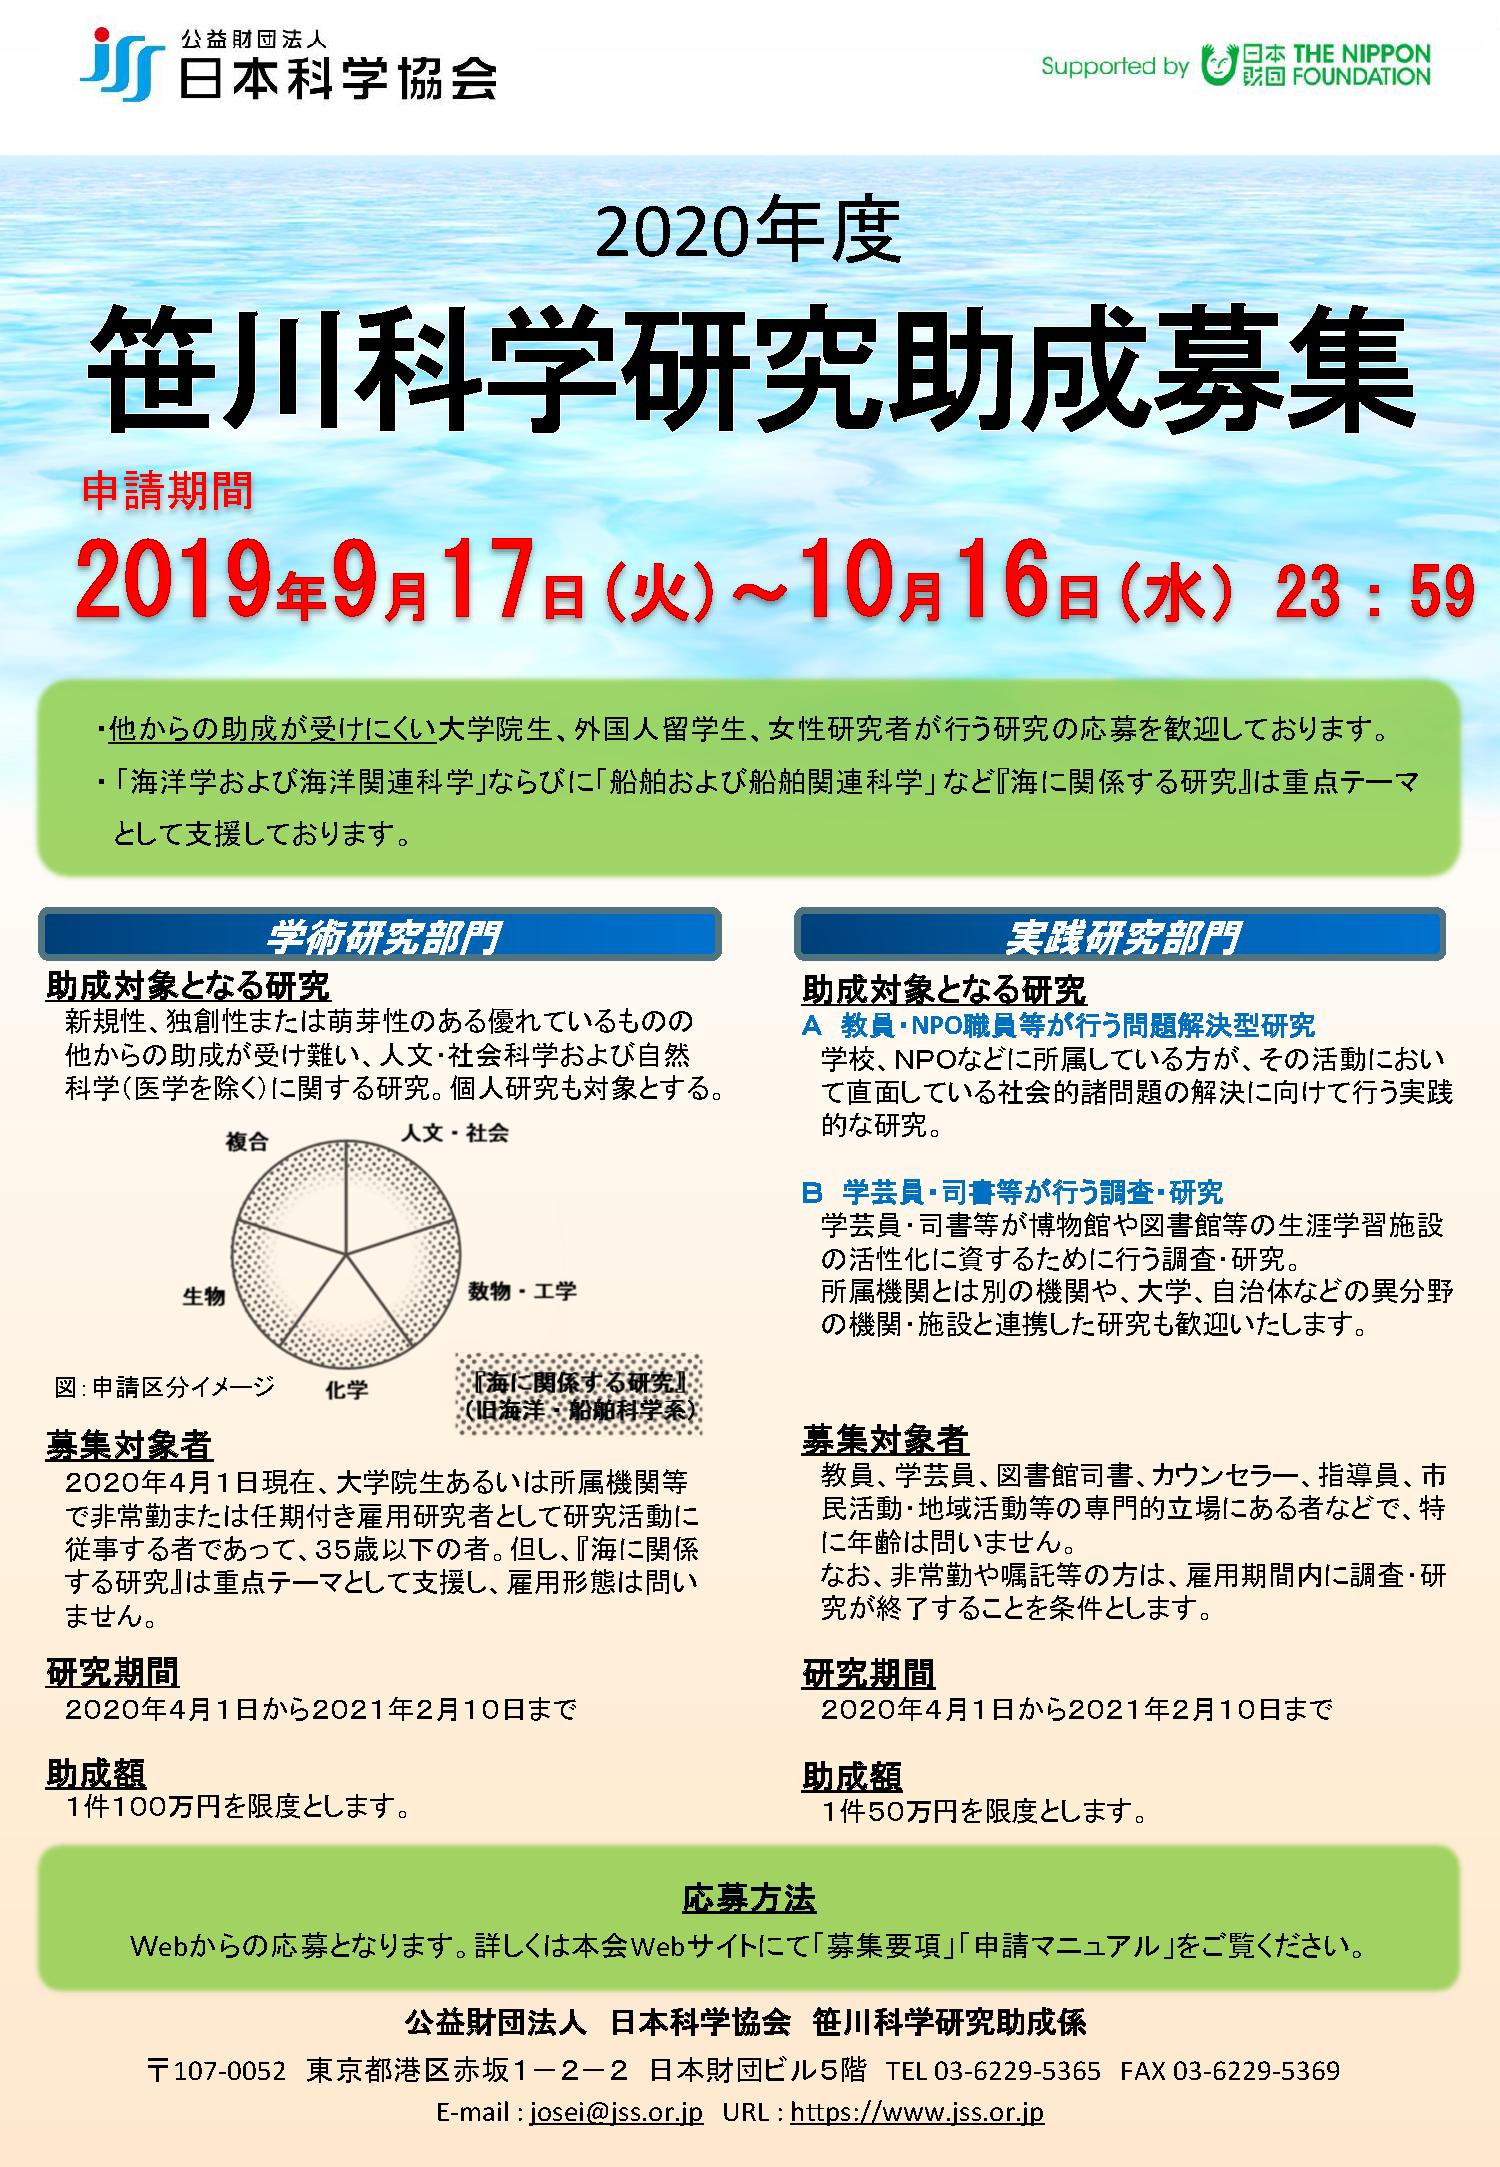 2019年度・第1回・大学院説明会(東京)スケジュール